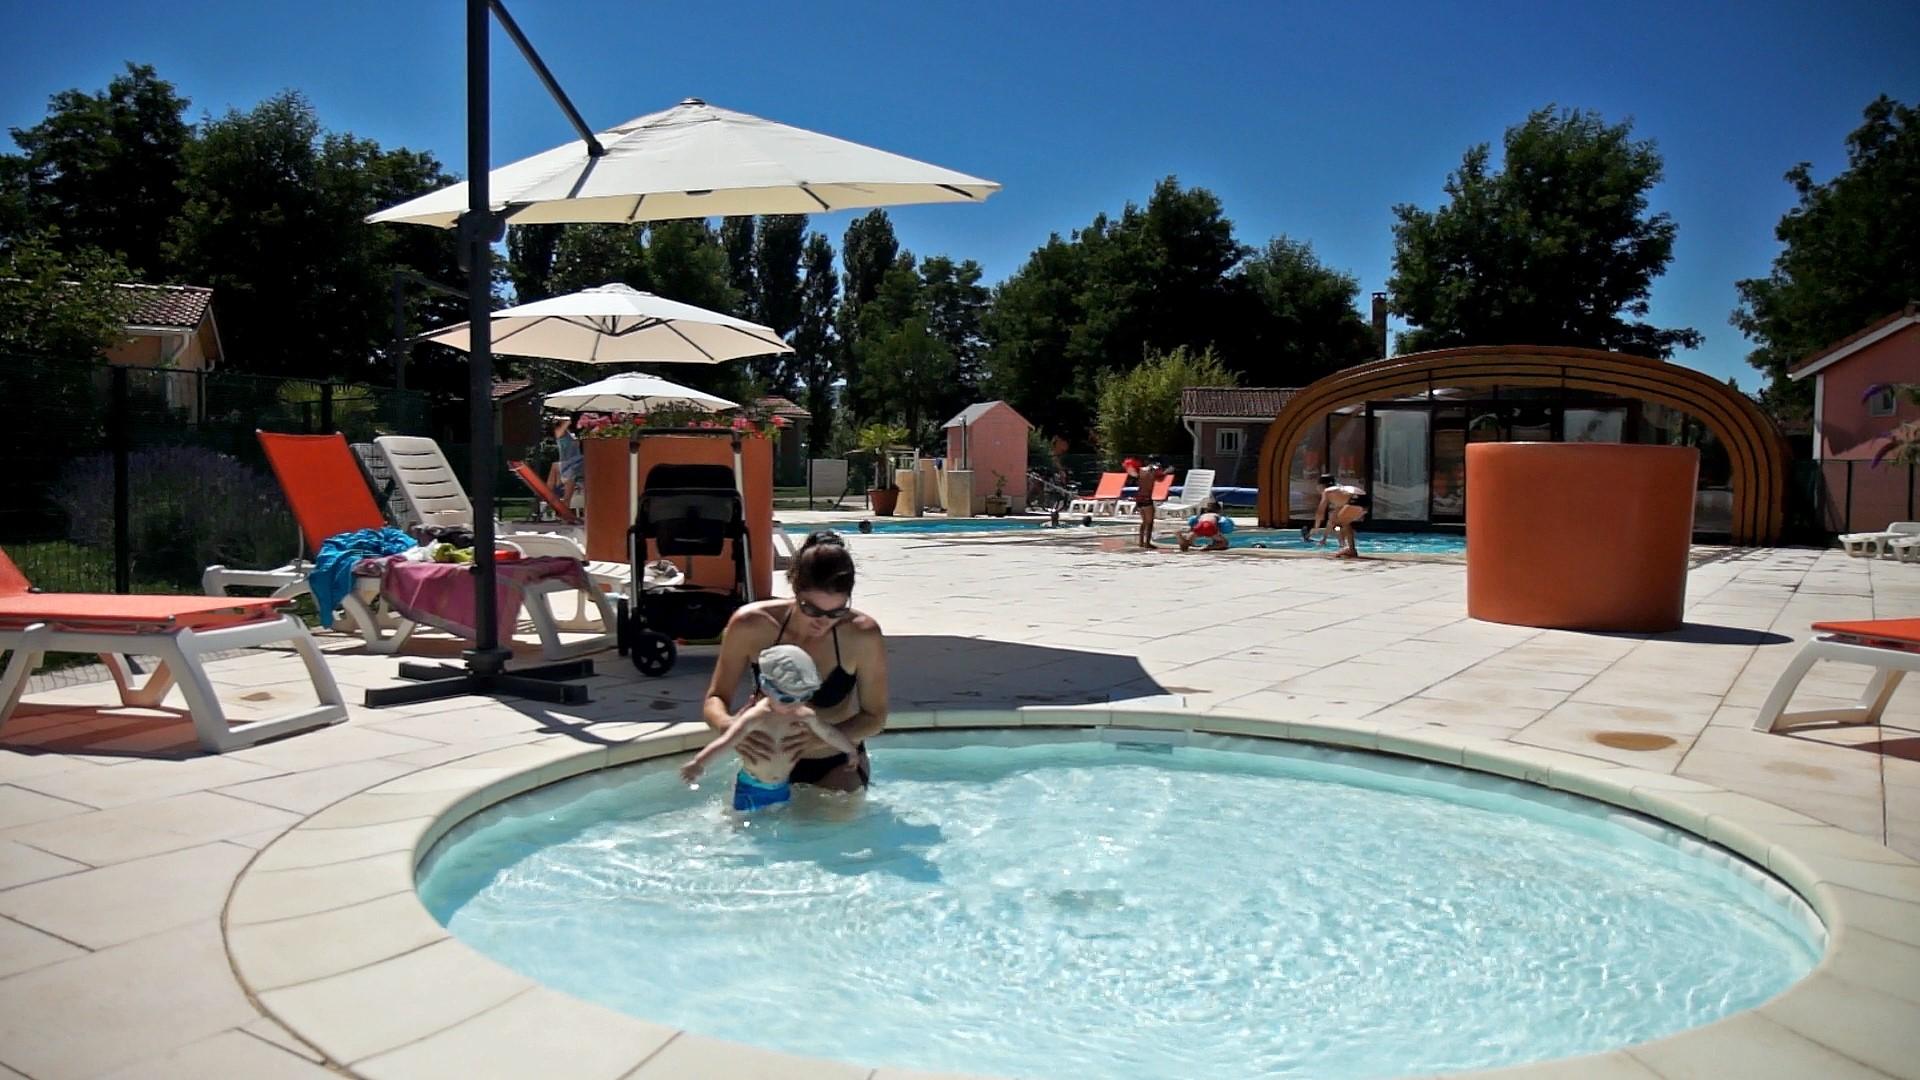 Location de g te avec une piscine chauff e en midi pyr n es occitanie pyr n es m diterran e for Village vacances avec piscine couverte